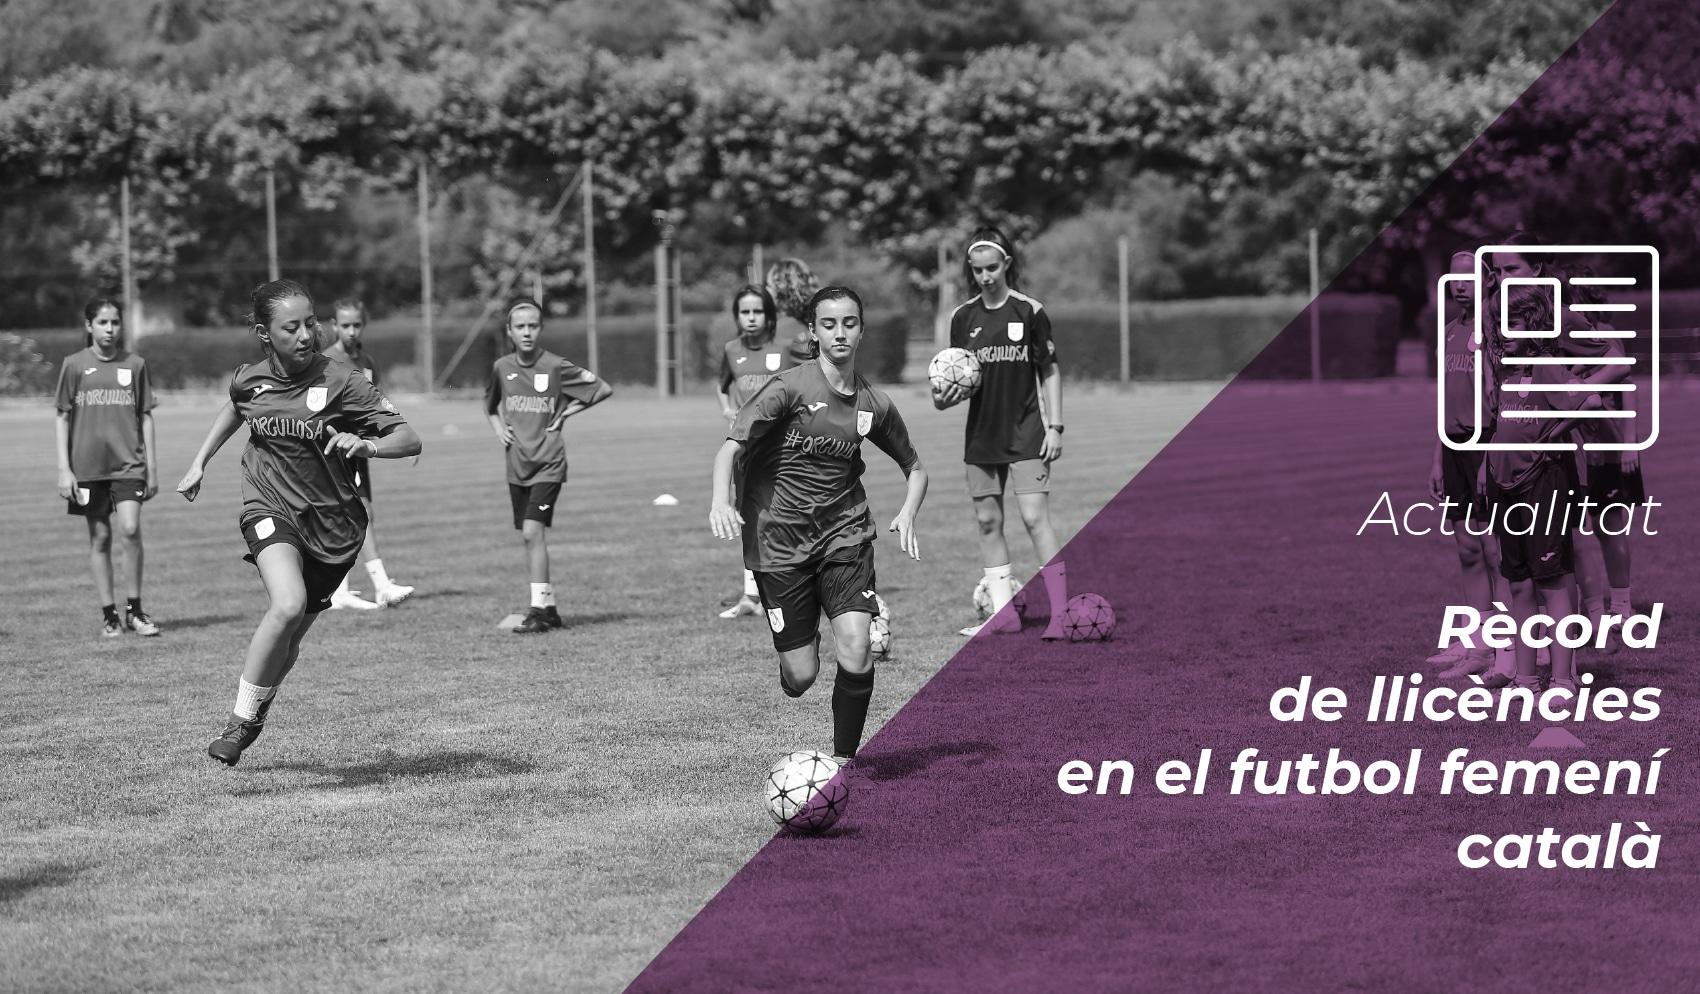 Rècord de llicències en el futbol femení català 11